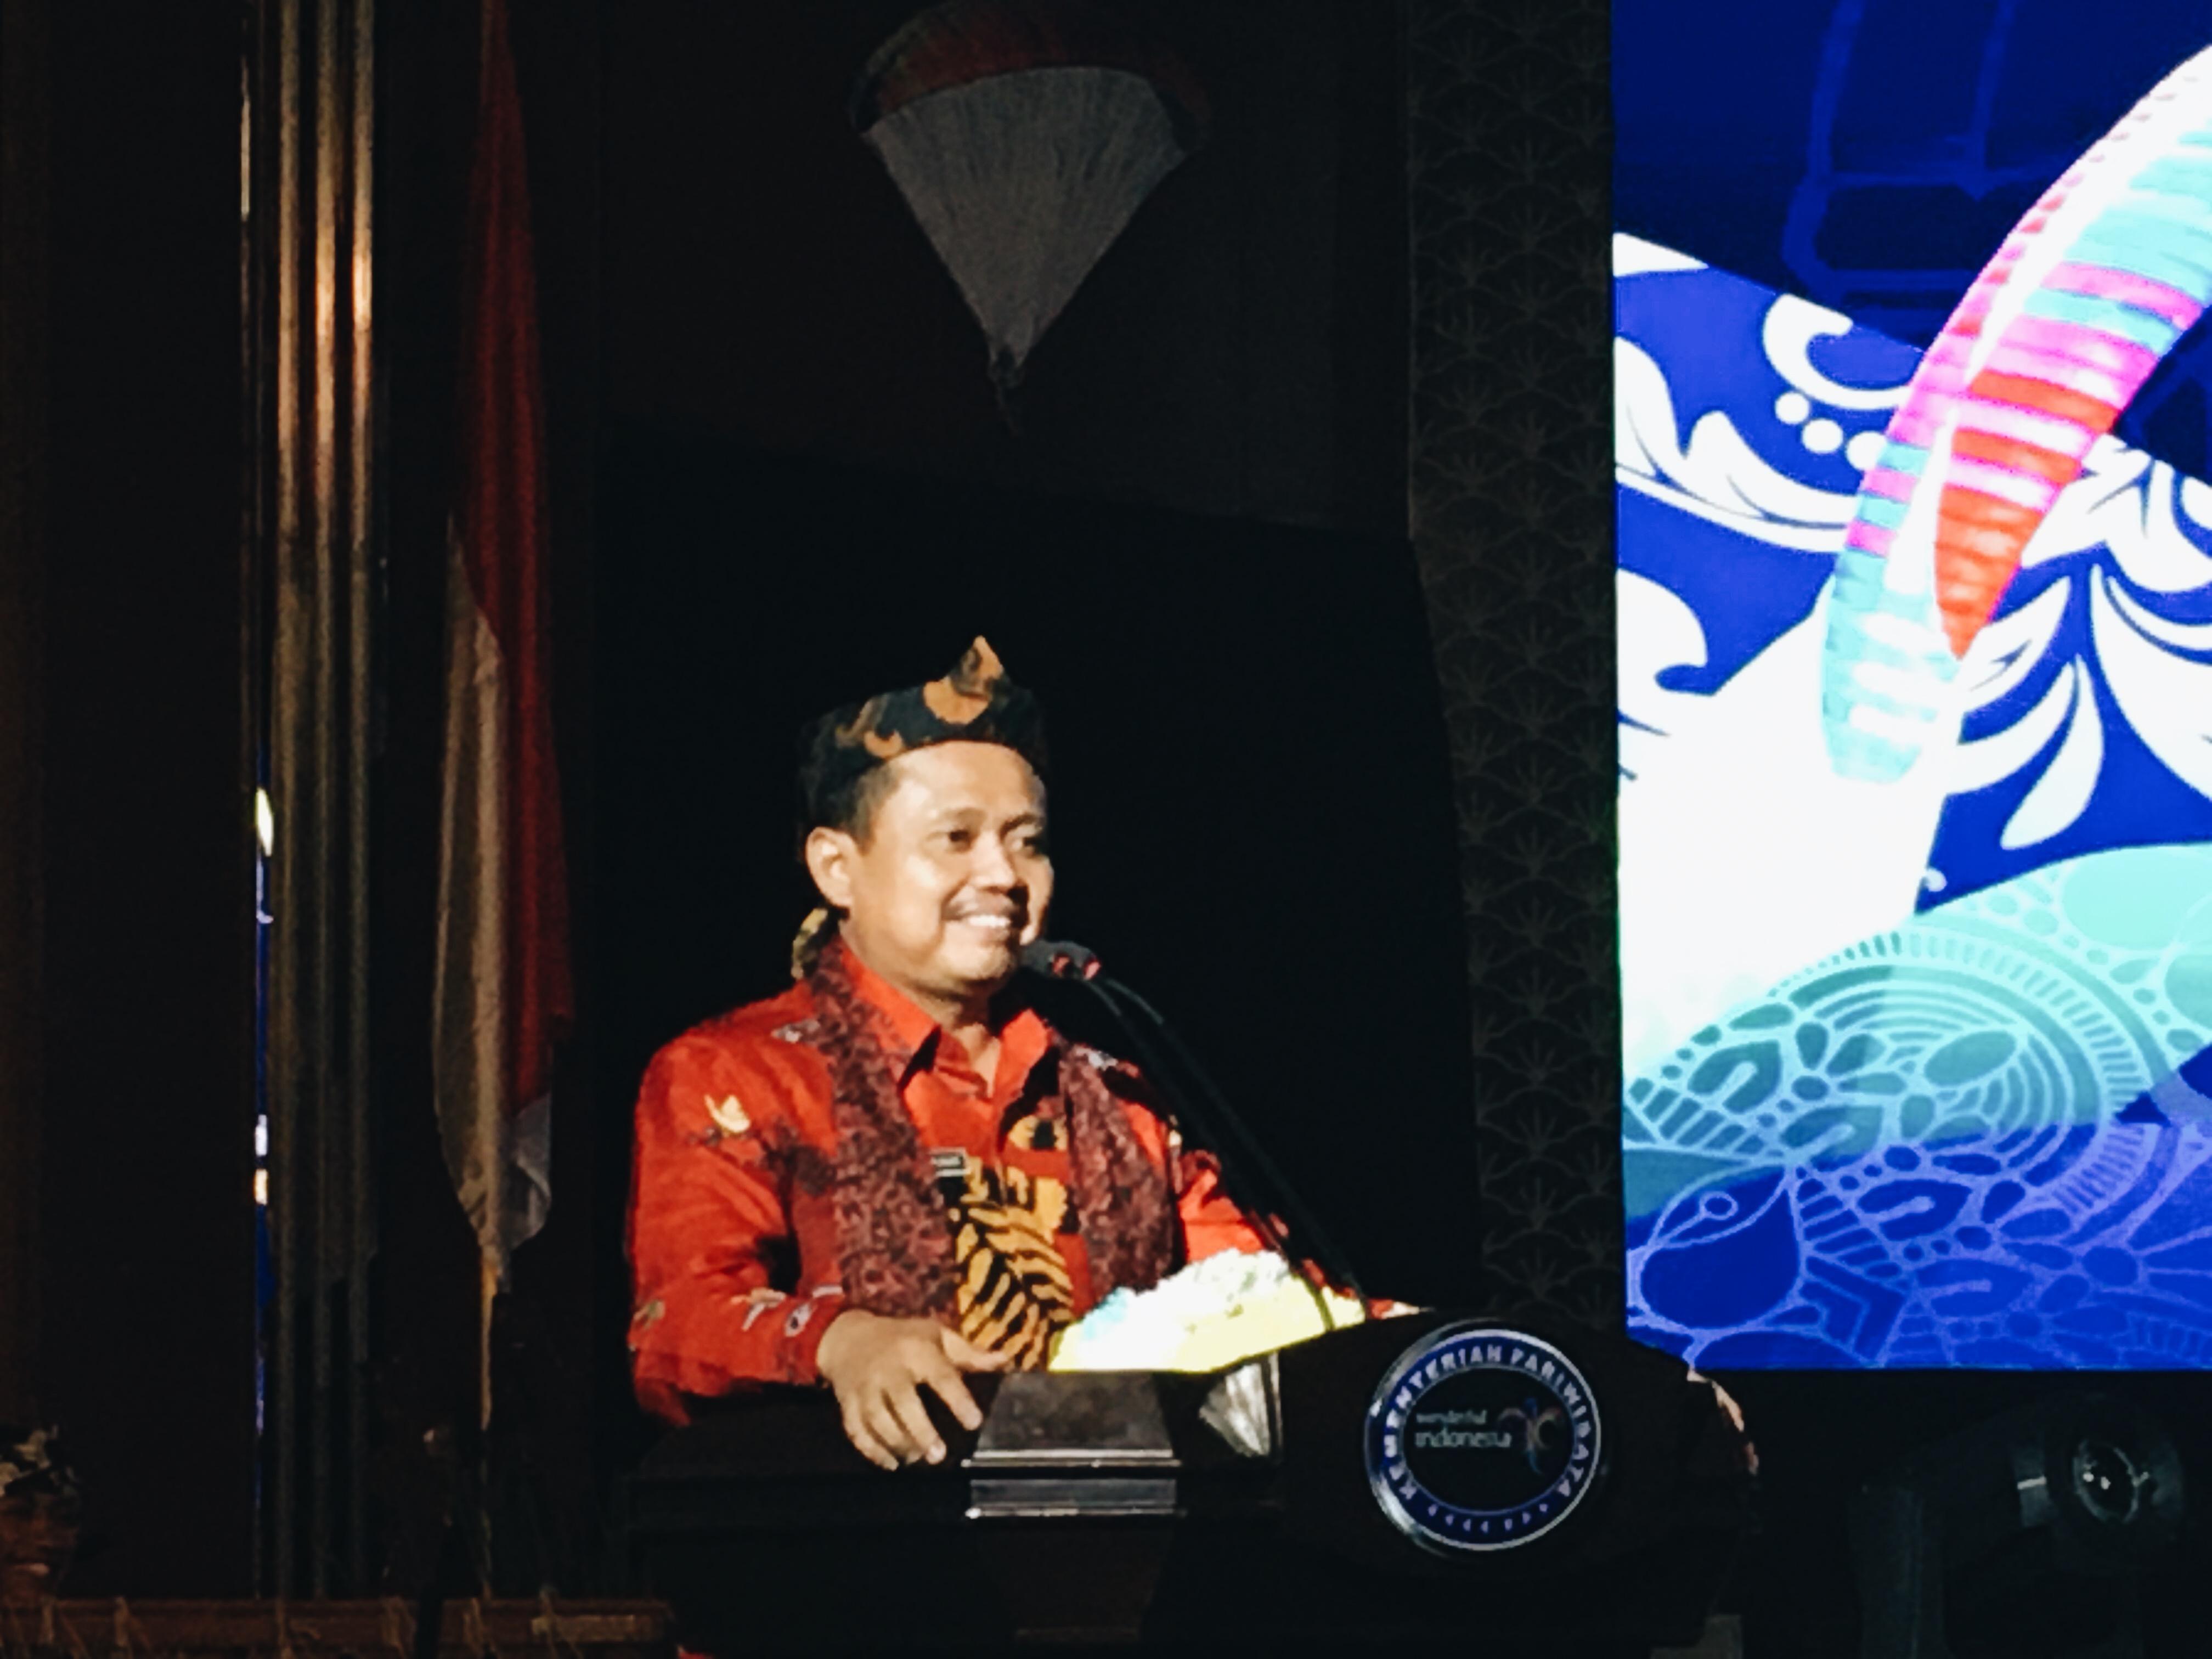 Bupati Sumedang, Bapak Dony Ahmad Munir | Foto : Asriyati/GNFI